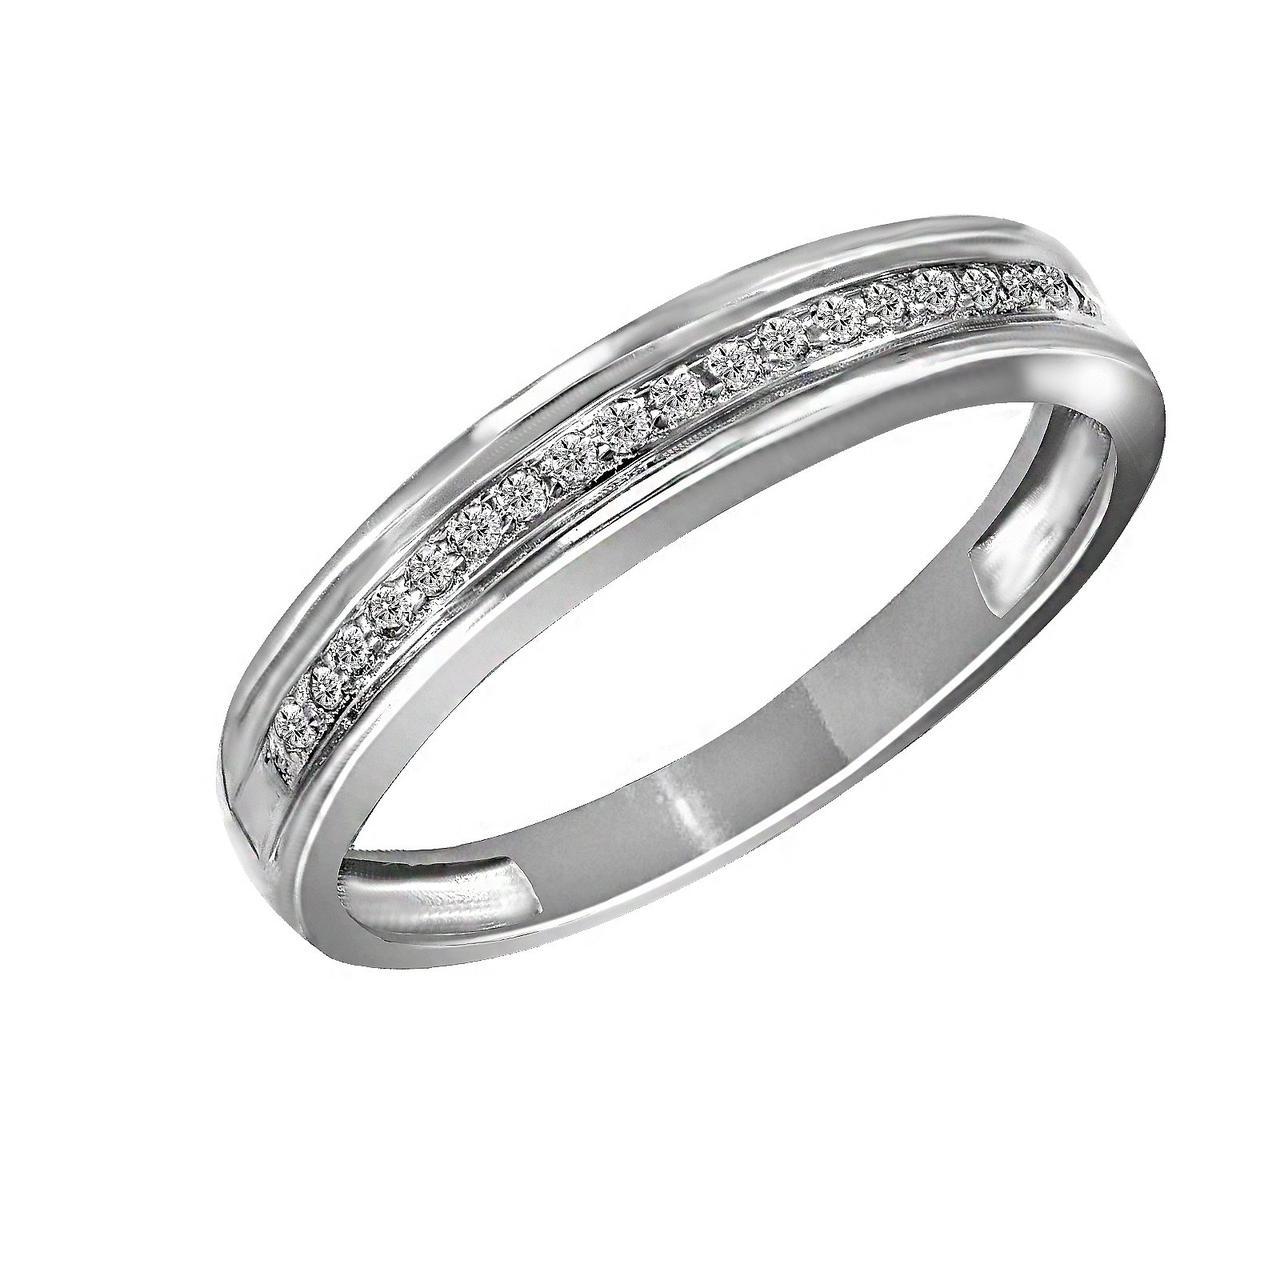 Золотое кольцо с бриллиантами, размер 20 (019236)